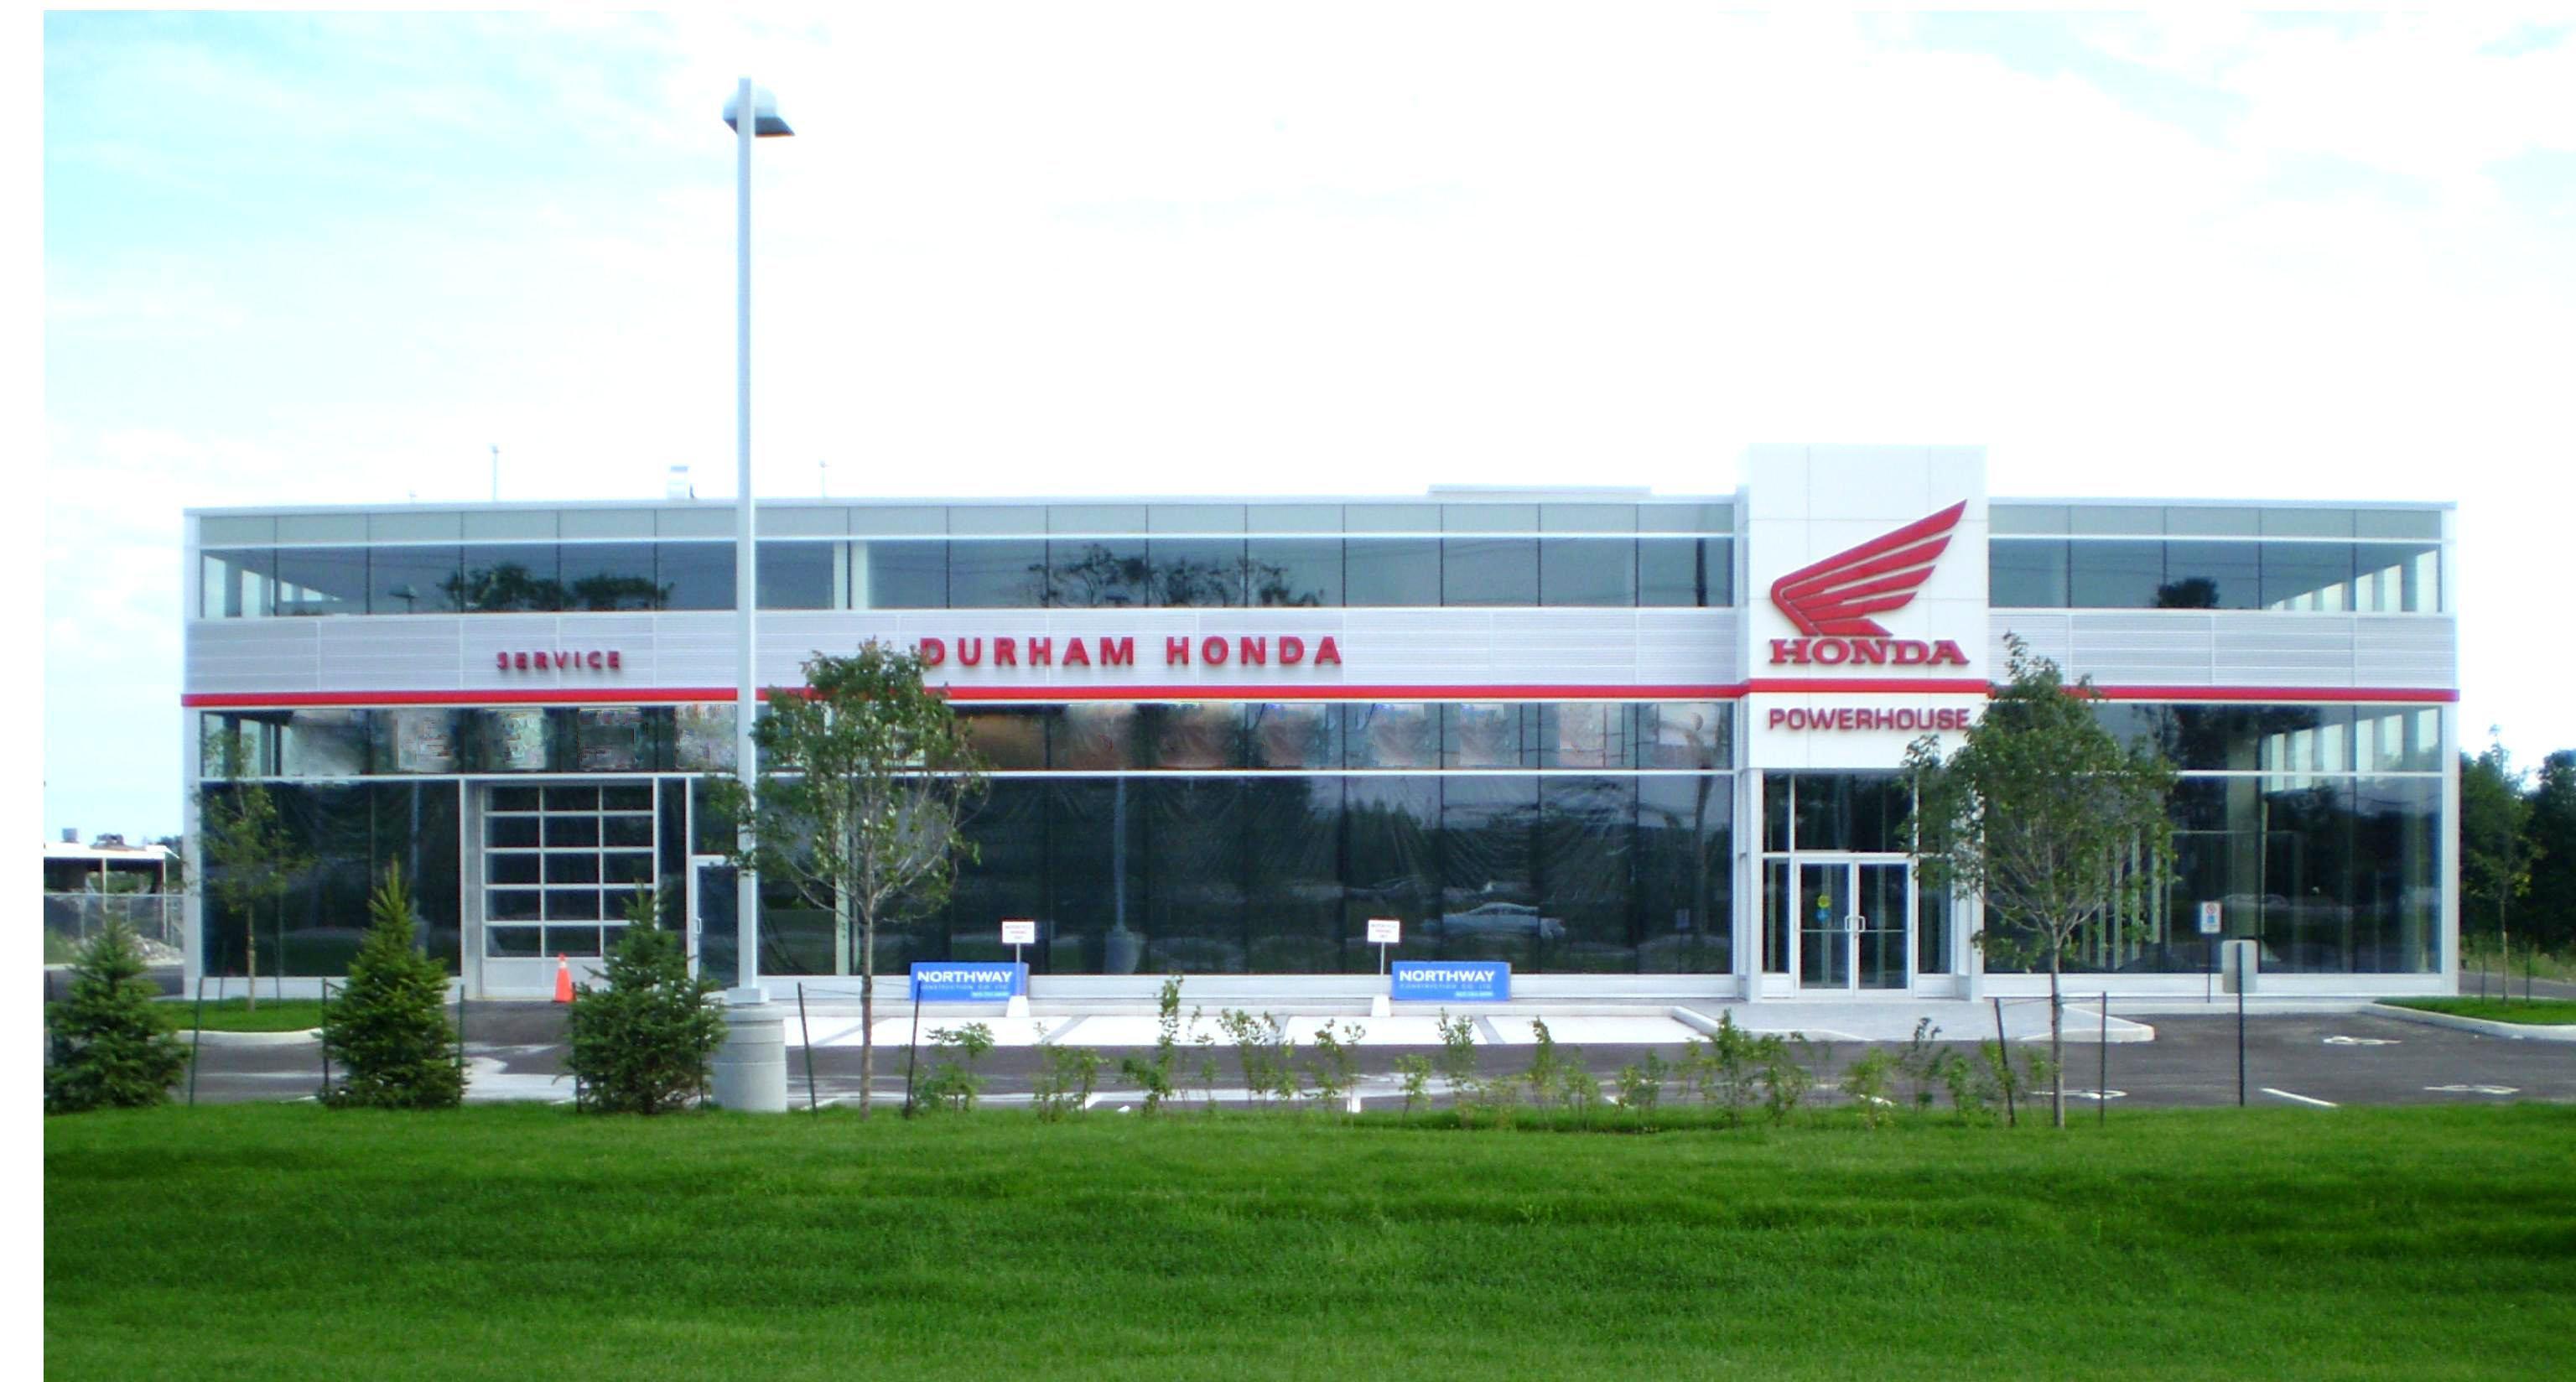 Durham Honda Powerhouse